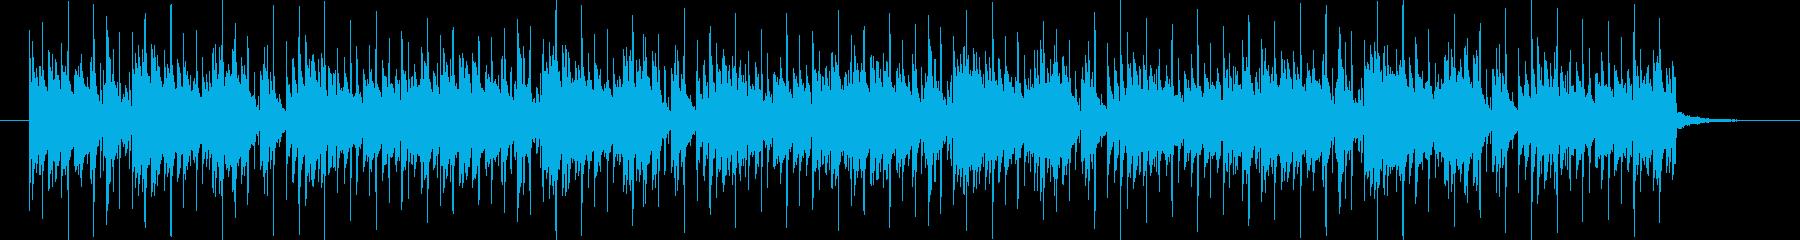 スピード感のある軽快なピアノBGMの再生済みの波形